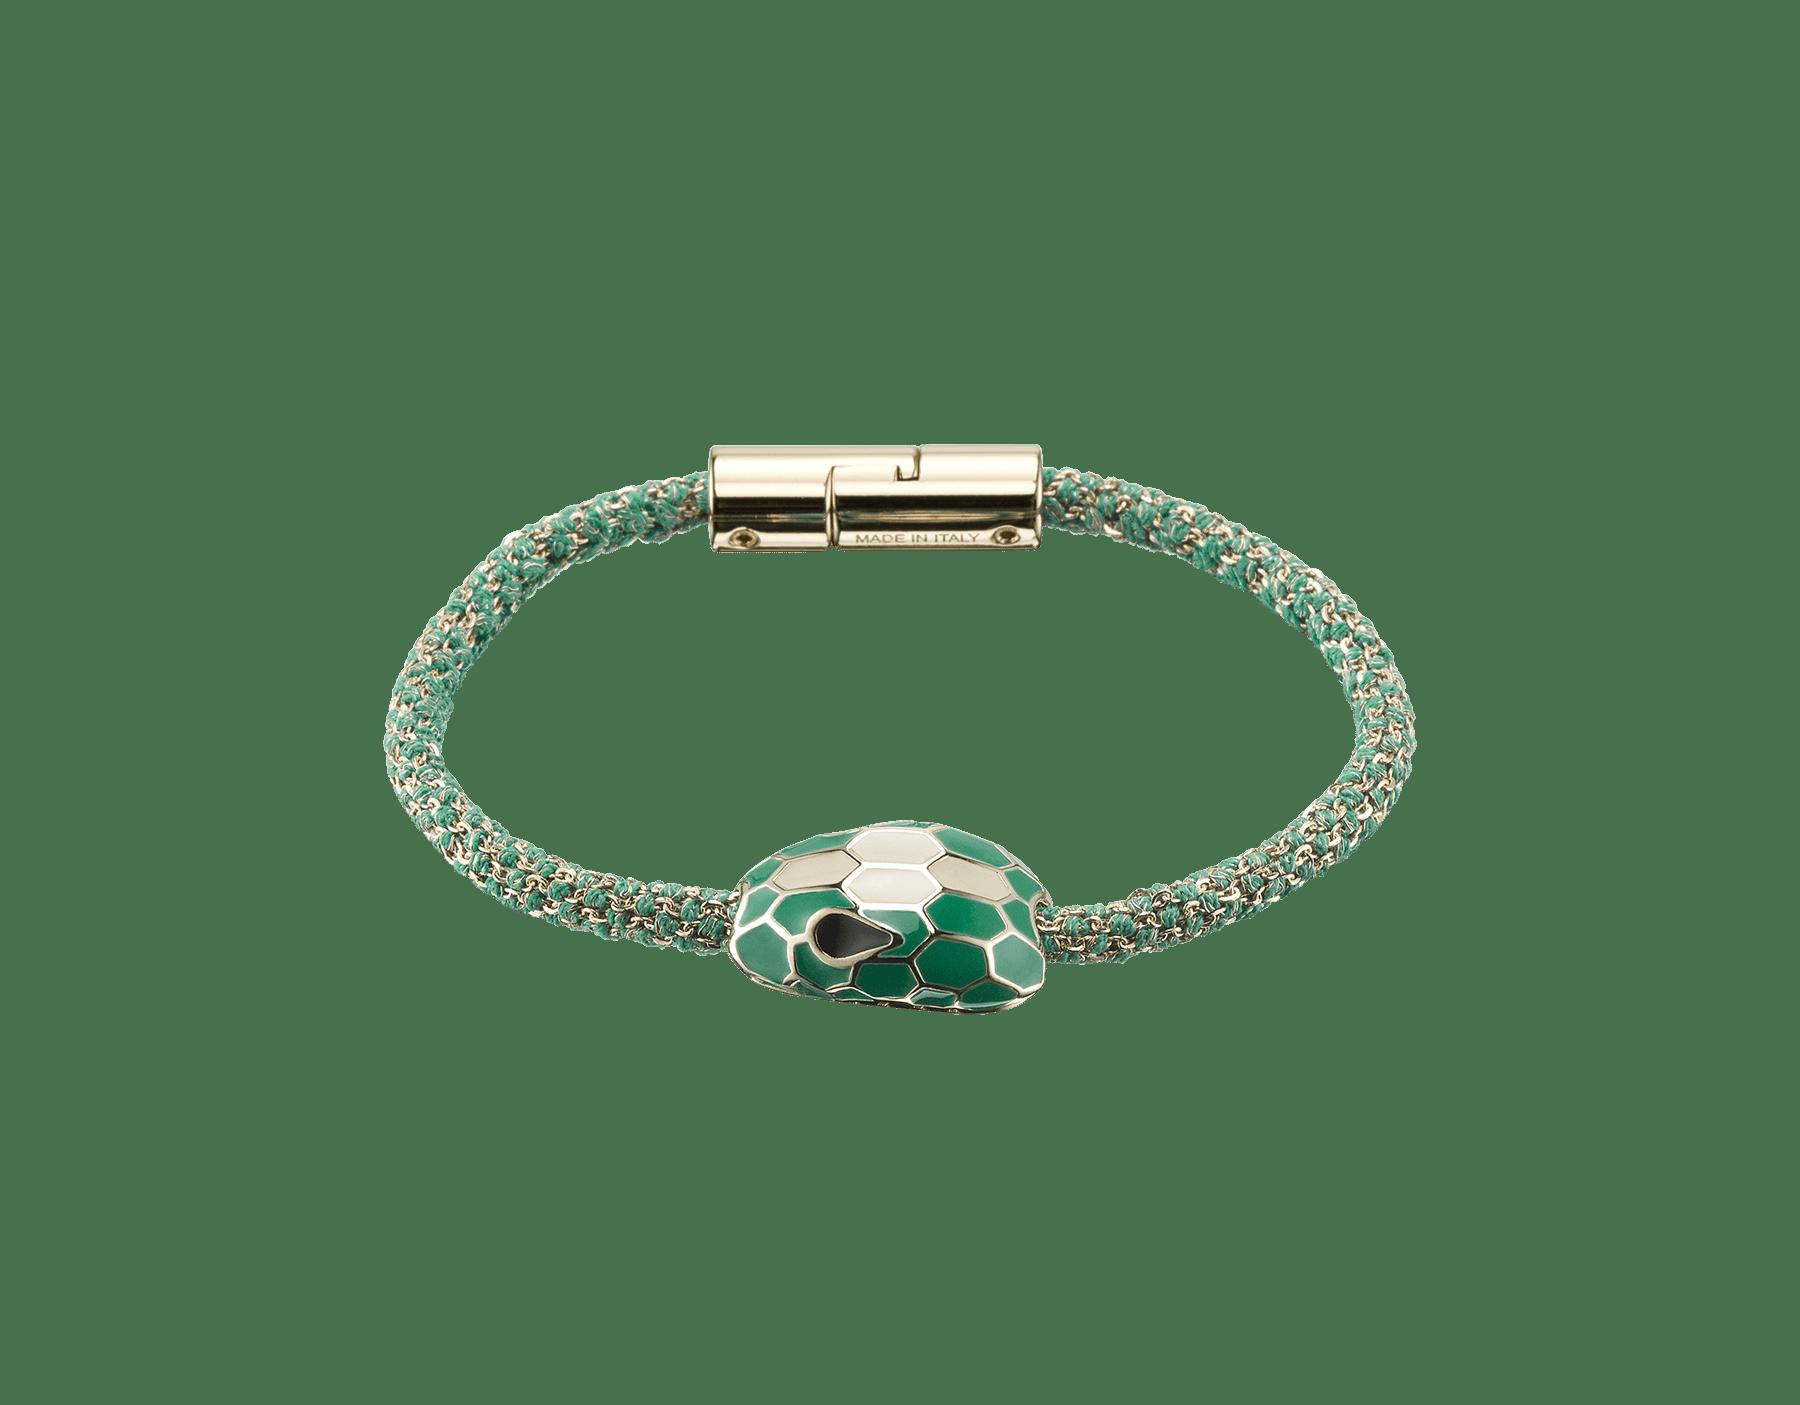 Bracelet Serpenti Forever en soie tressée métallisée couleur vert émeraude avec motif Serpenti emblématique en émail blanc et vert émeraude. RollingChain-S-EG image 1